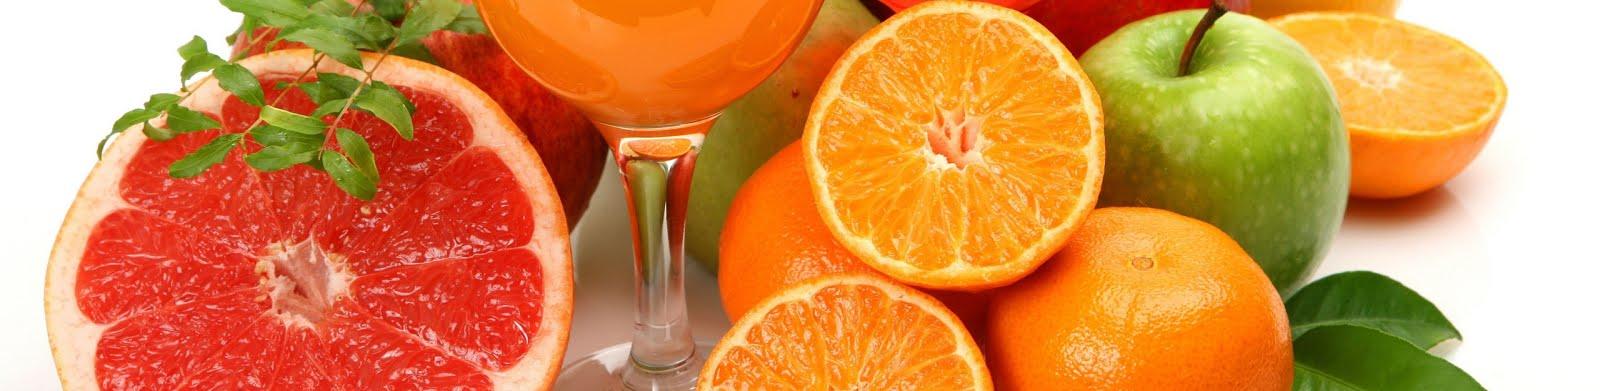 Оранжевая скрап-страничка